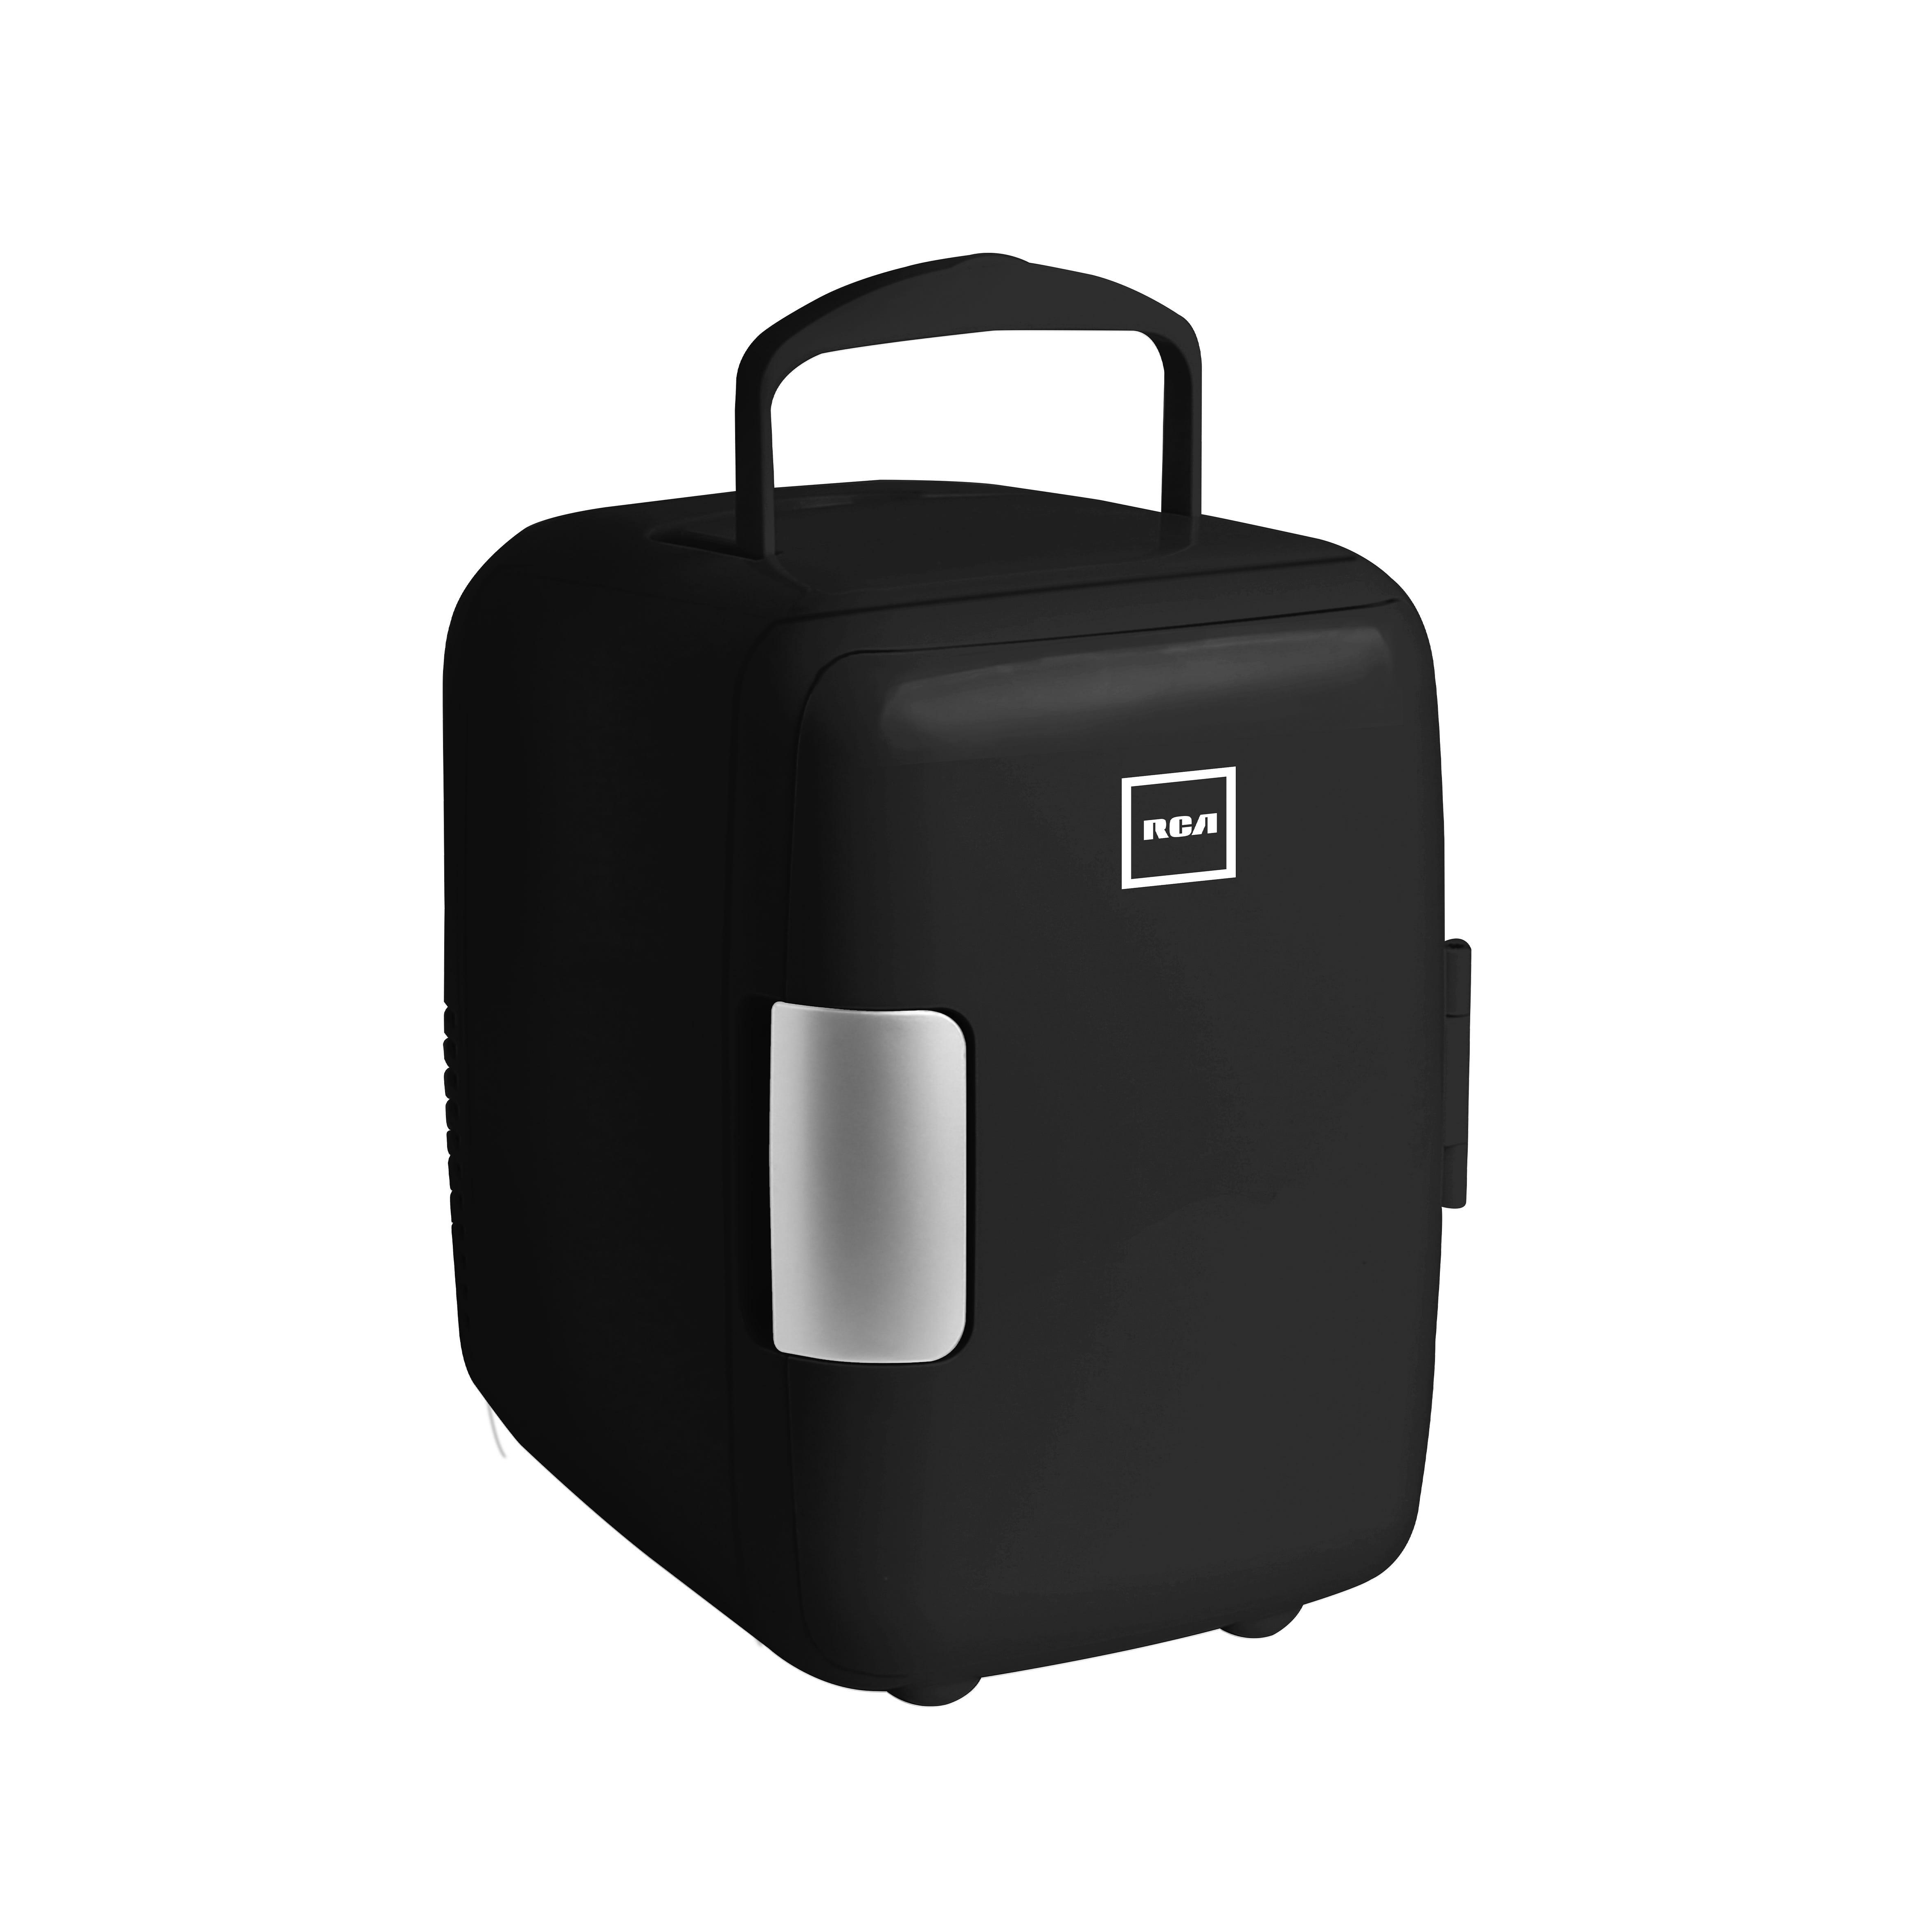 Mini refrigerador RCA en negro